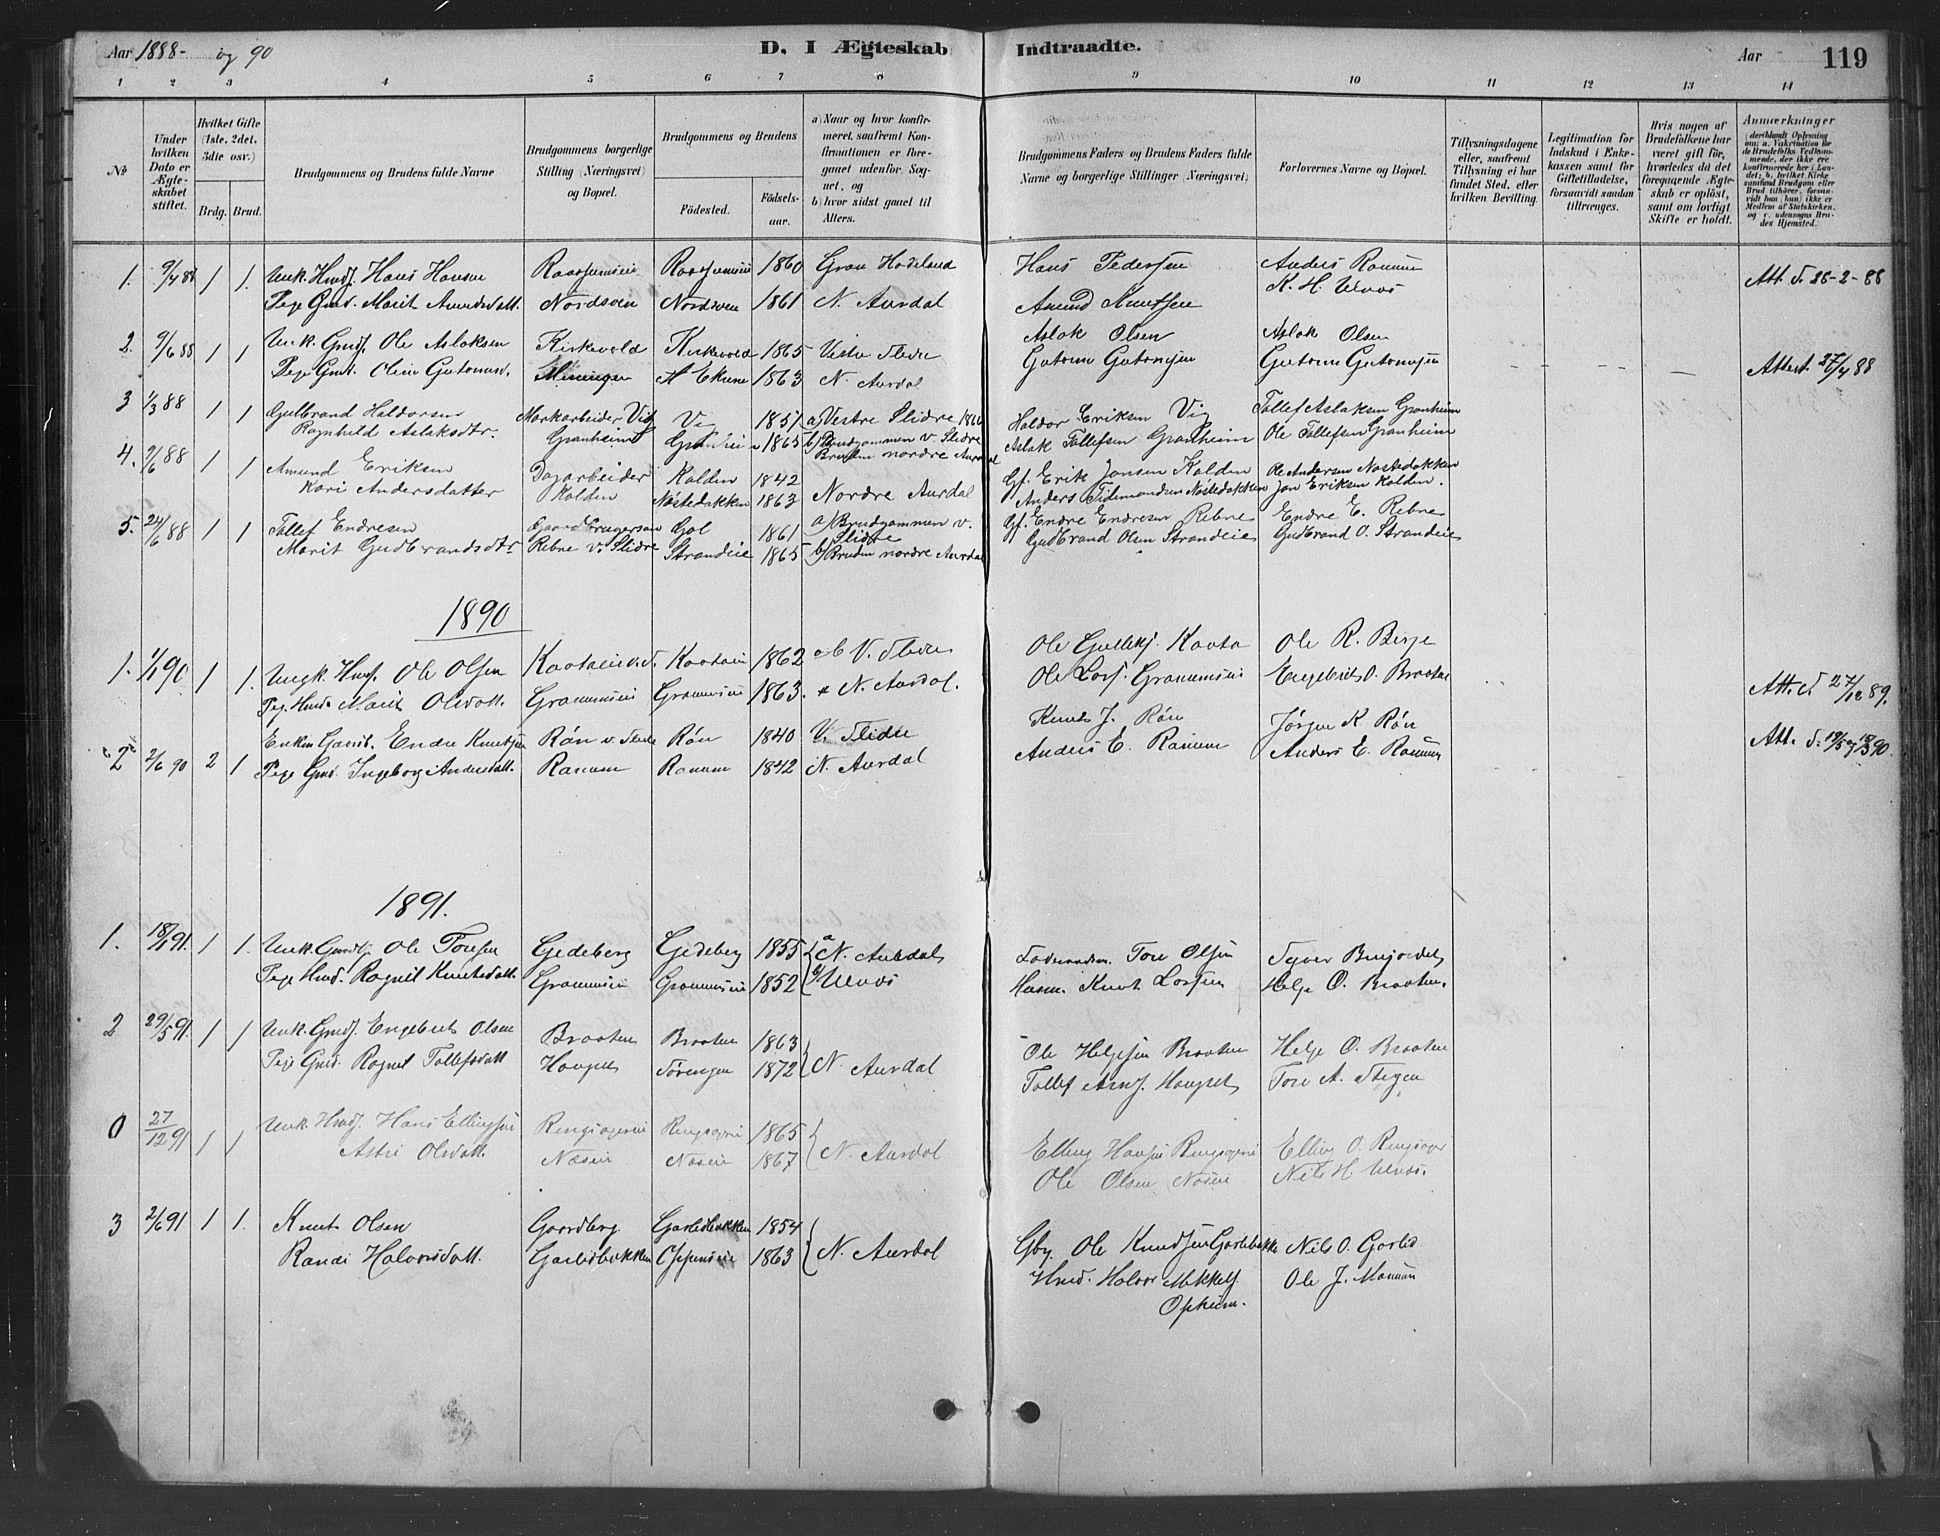 SAH, Nord-Aurdal prestekontor, Klokkerbok nr. 8, 1883-1916, s. 119